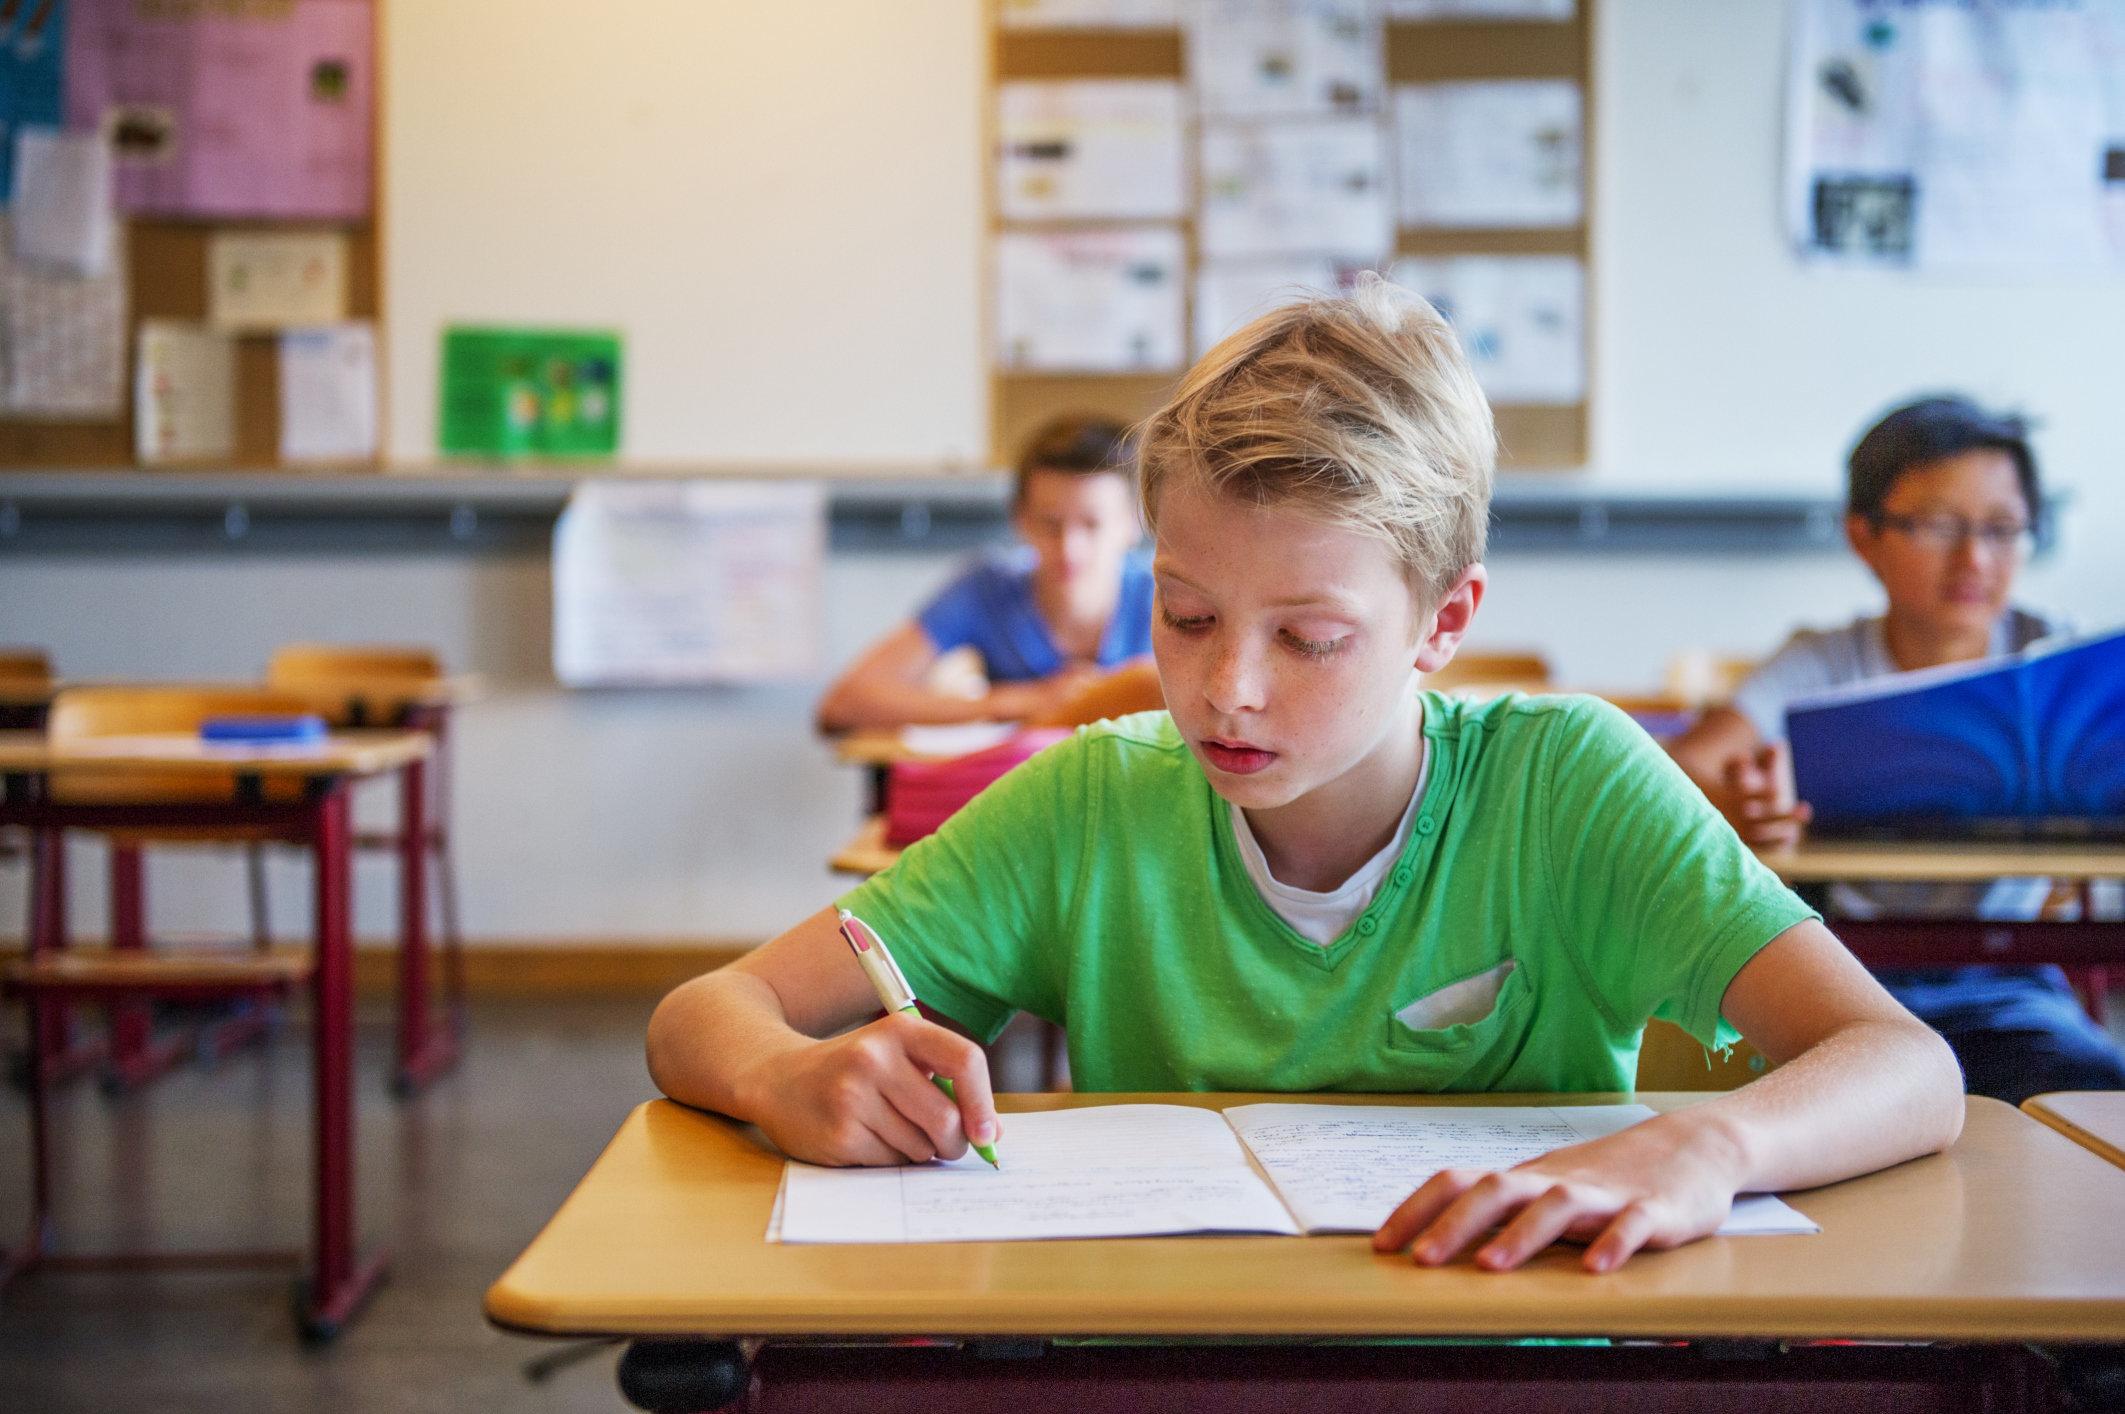 """Studie kritisiert """"Schreiben nach Gehör"""": Warum Lehrer die Methode trotzdem nutzen"""